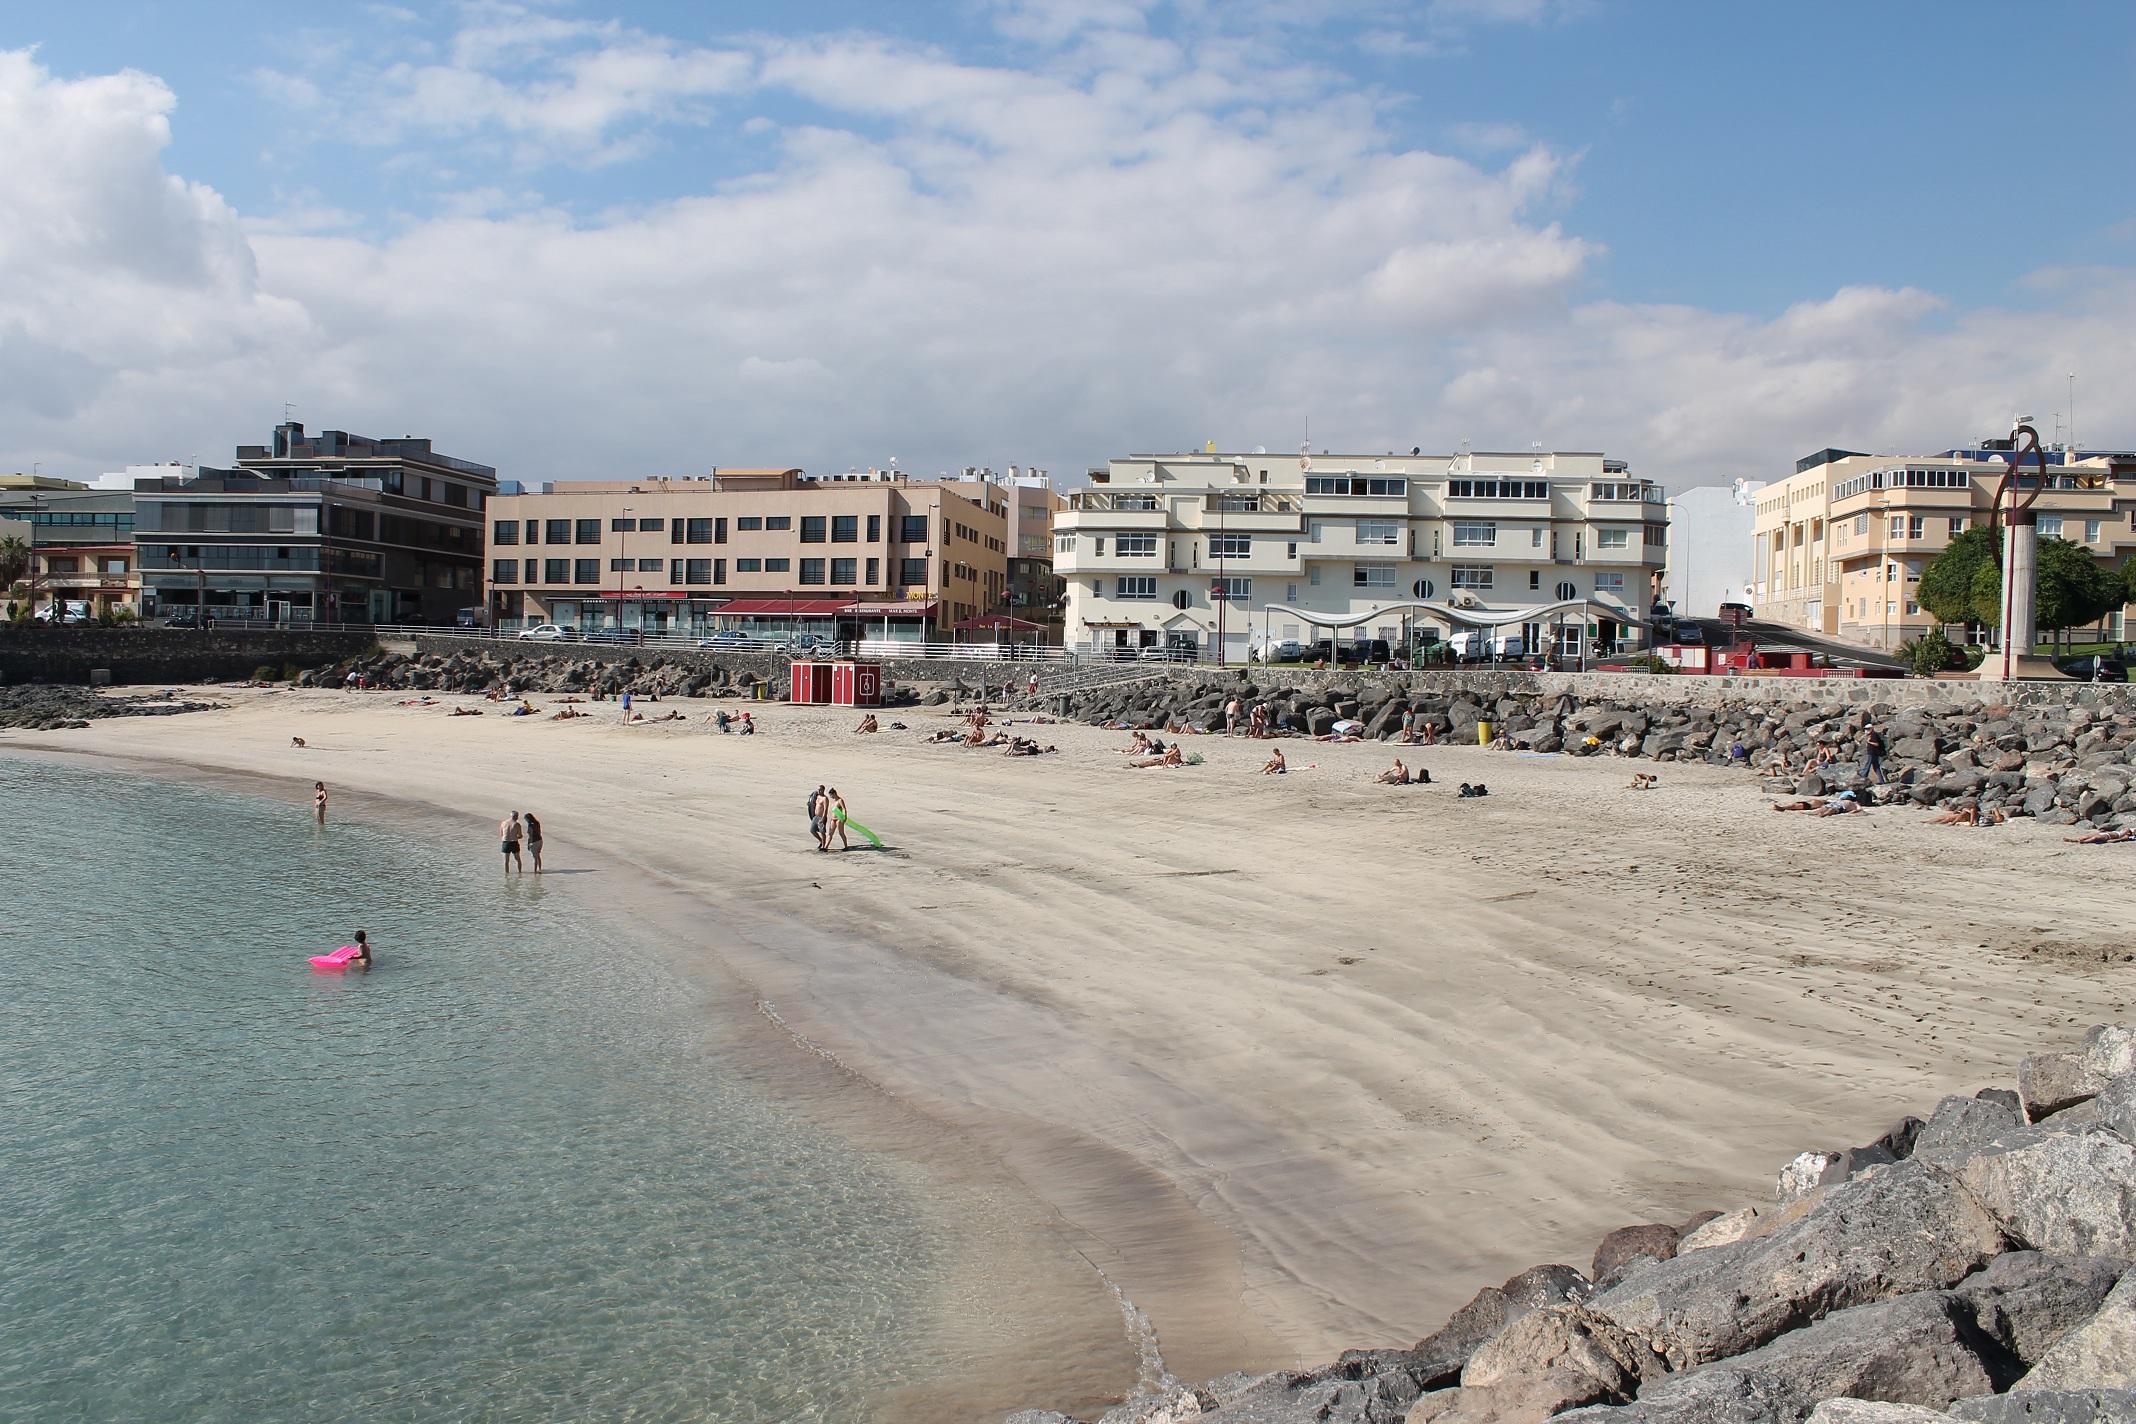 PLAYAS DE FUERTEVENTURA PLAYA CHICAPUERTO DEL ROSARIO  Playas de Fuerteventura